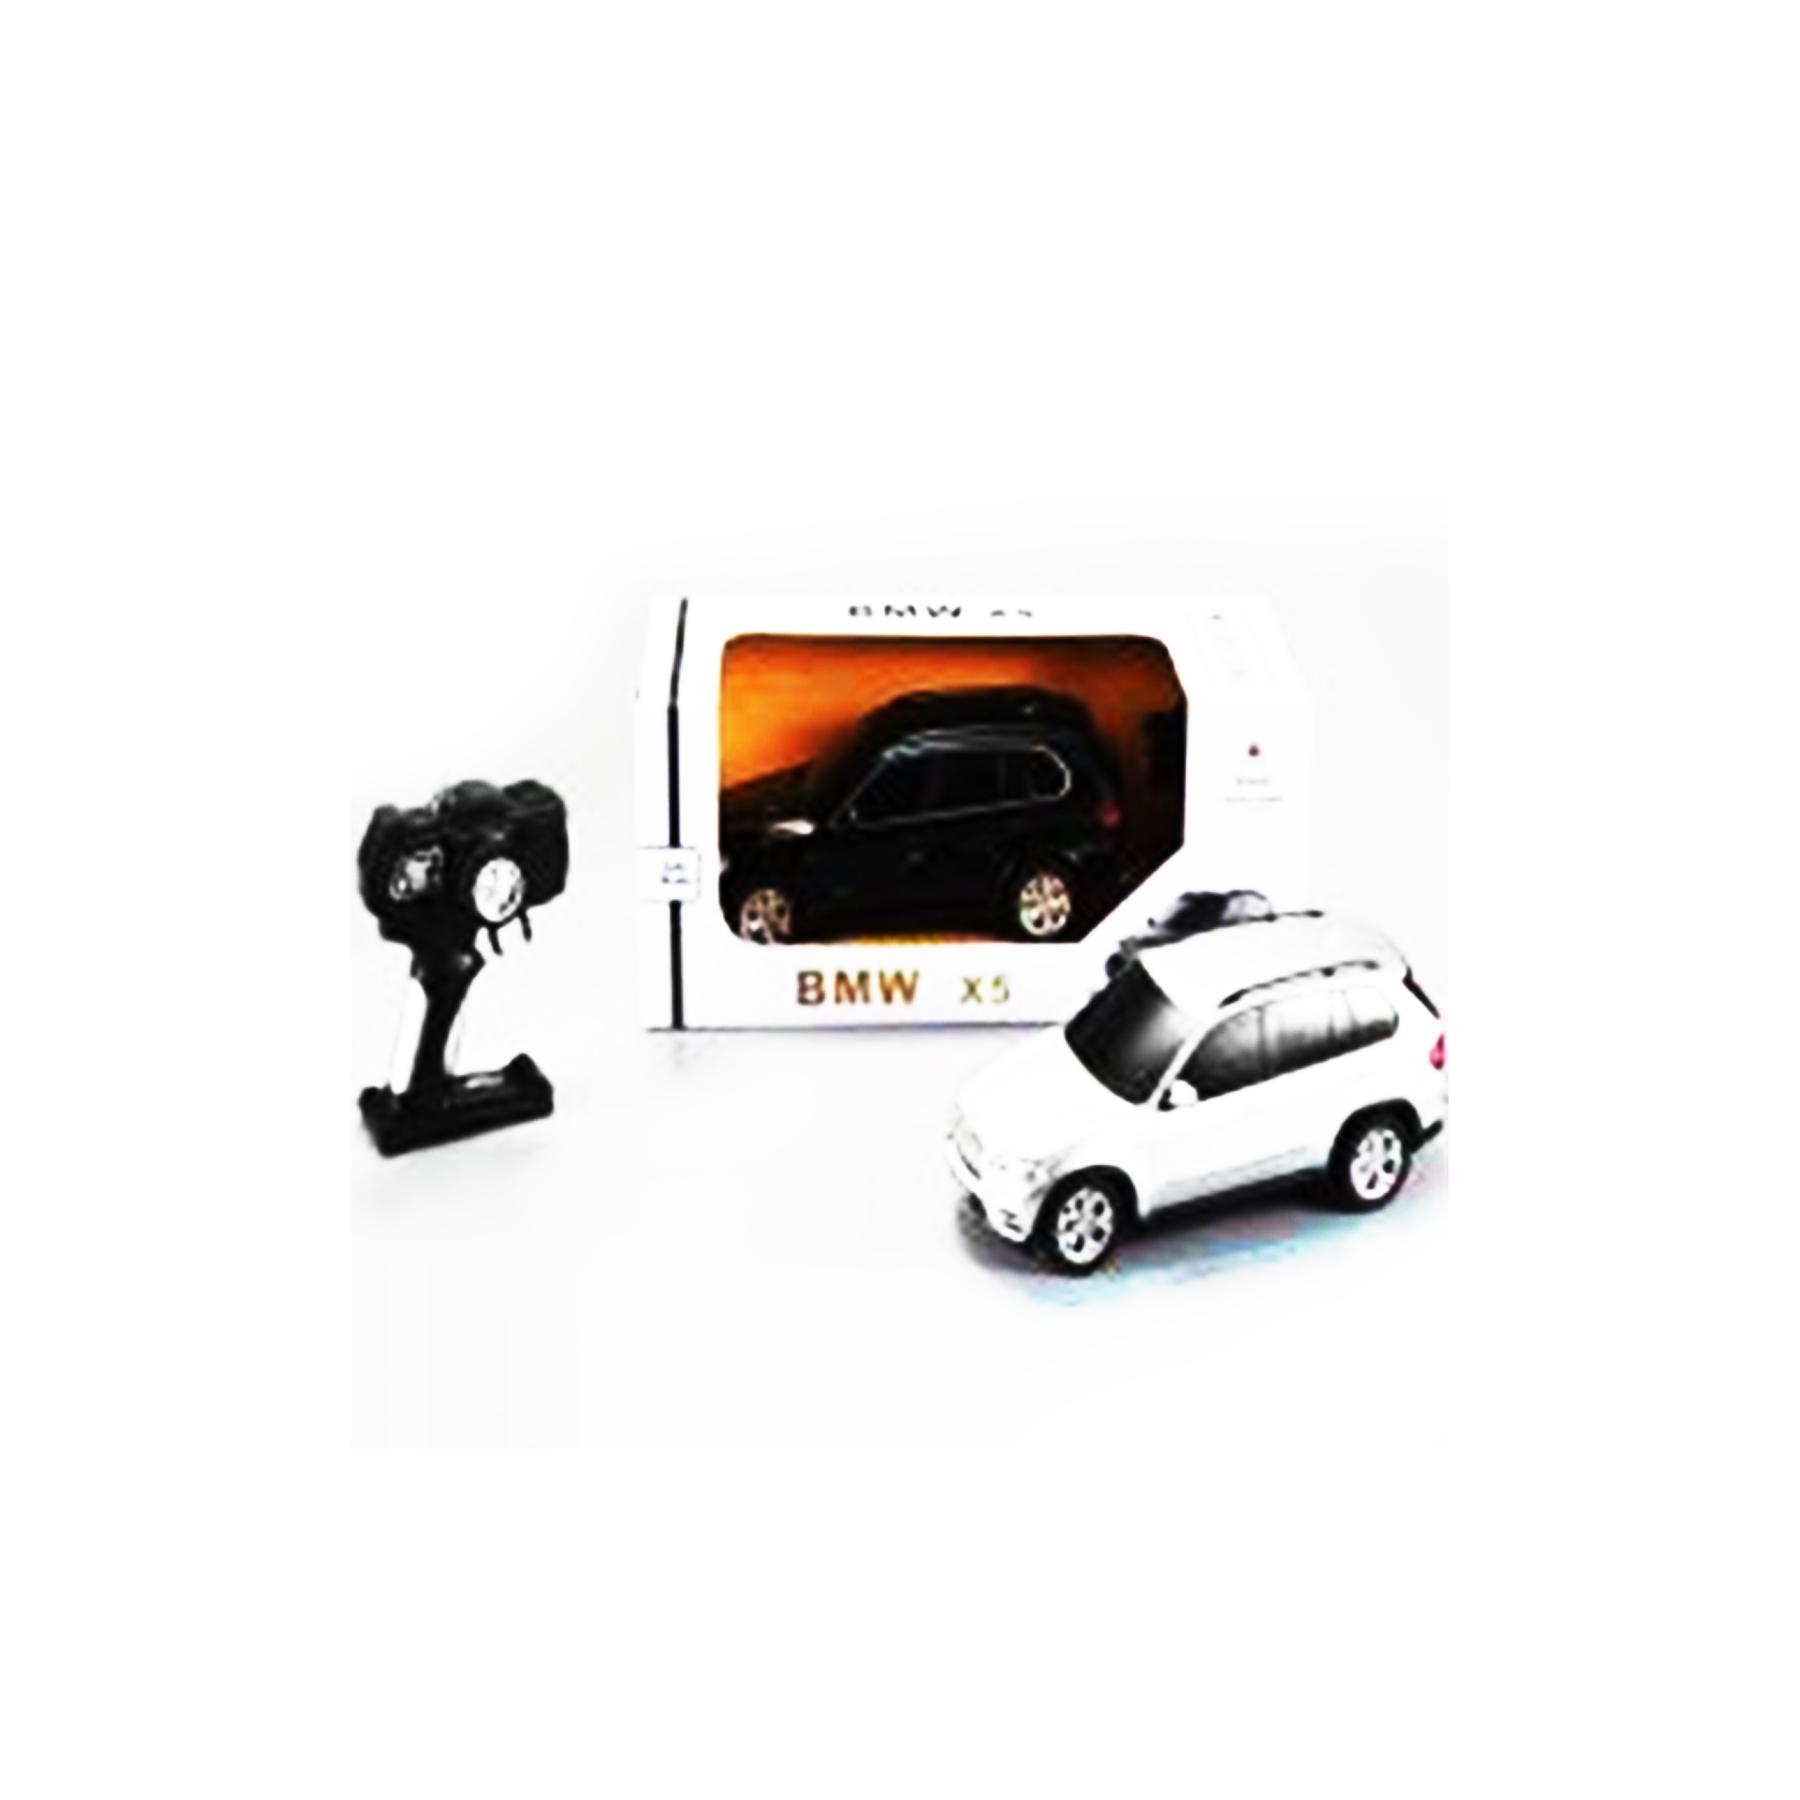 Автомобиль пластмассовый на Р/У модель BMW X5  300300 (375514)